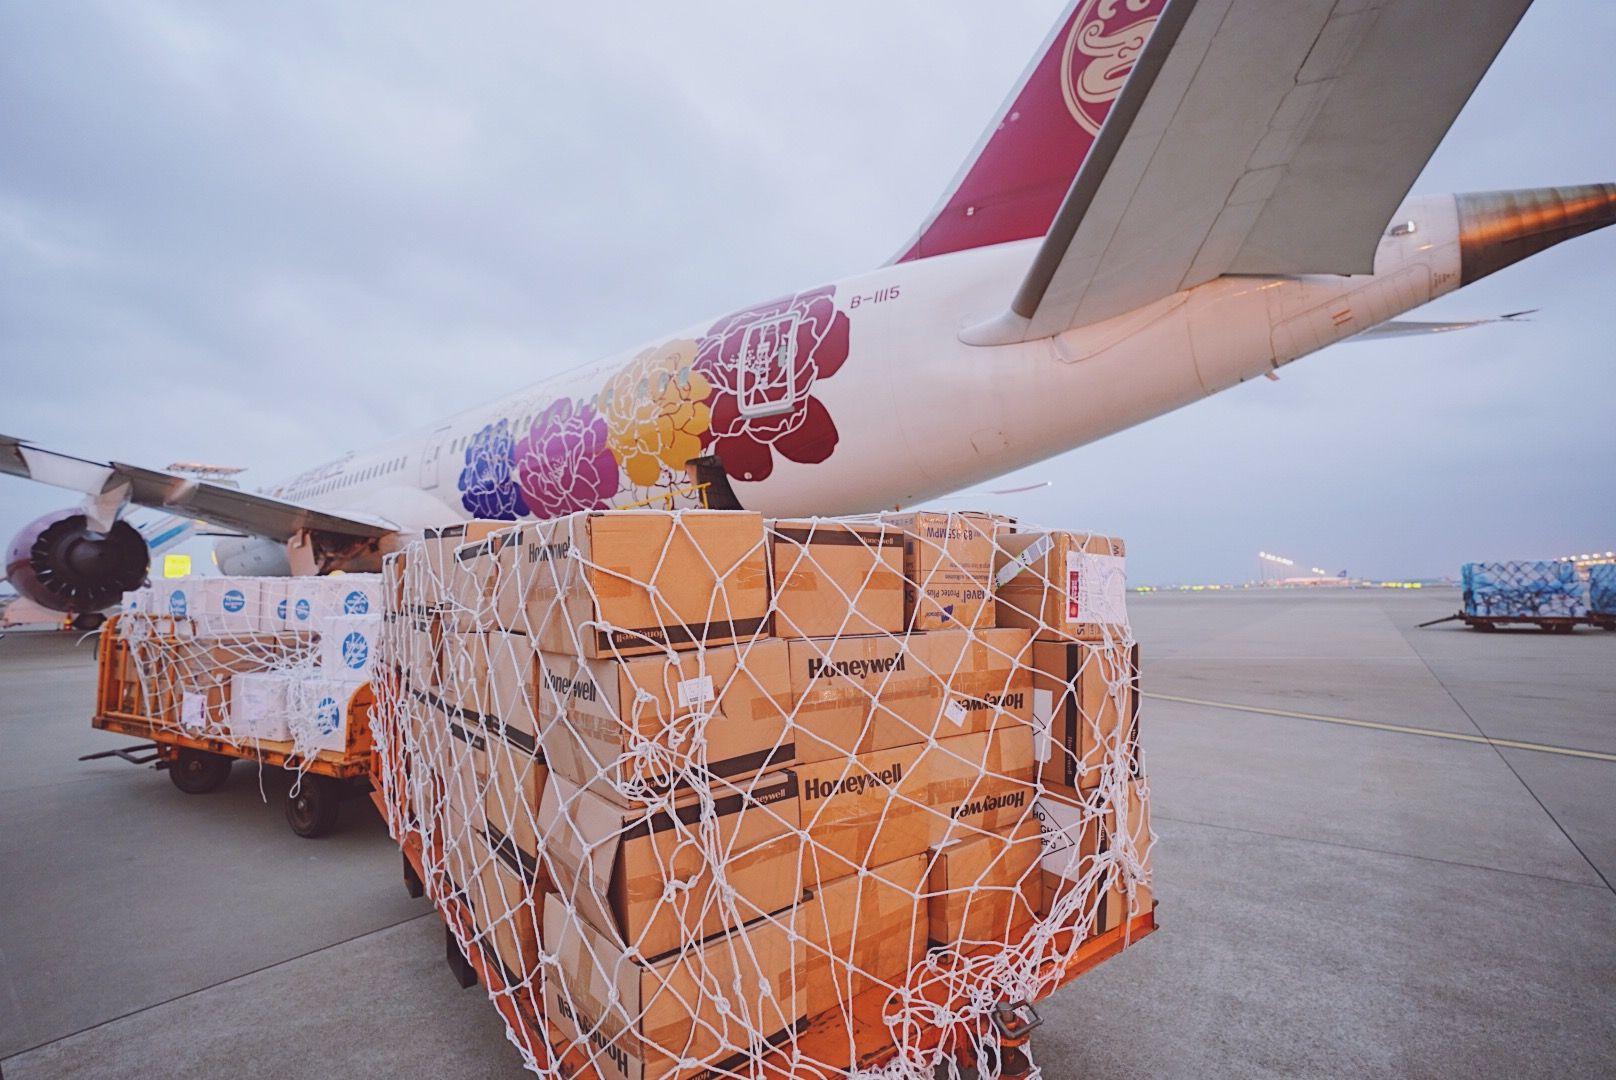 吉祥航空调配787宽体客机执行防疫物资运输任务图片